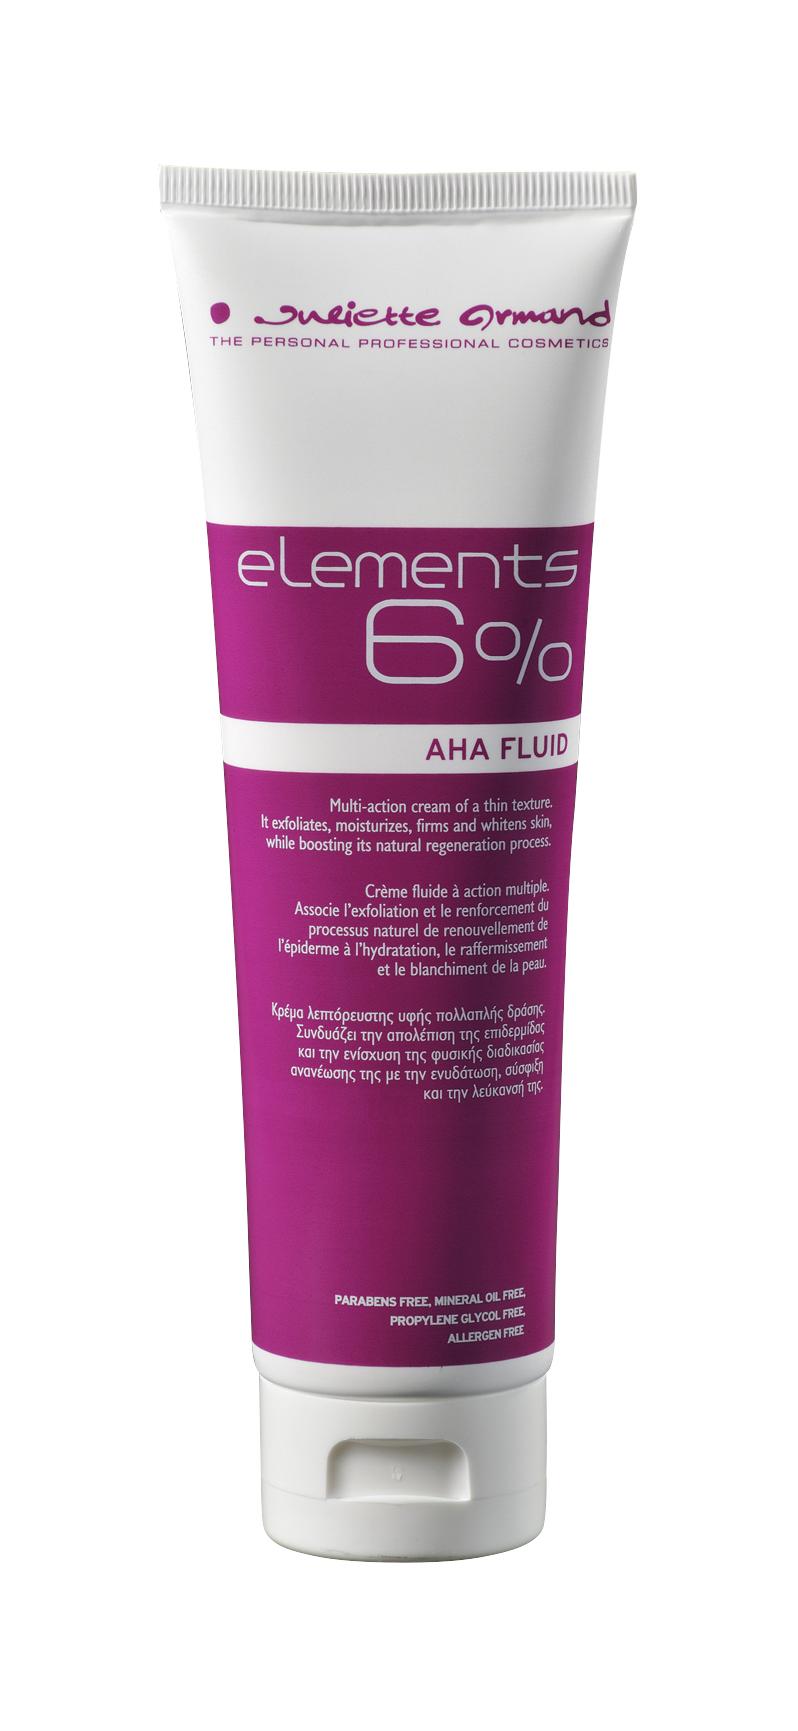 JULIETTE ARMAND Флюид 6% АНА кислот /6% AHA Fluid without granules 150 мл. от Галерея Косметики